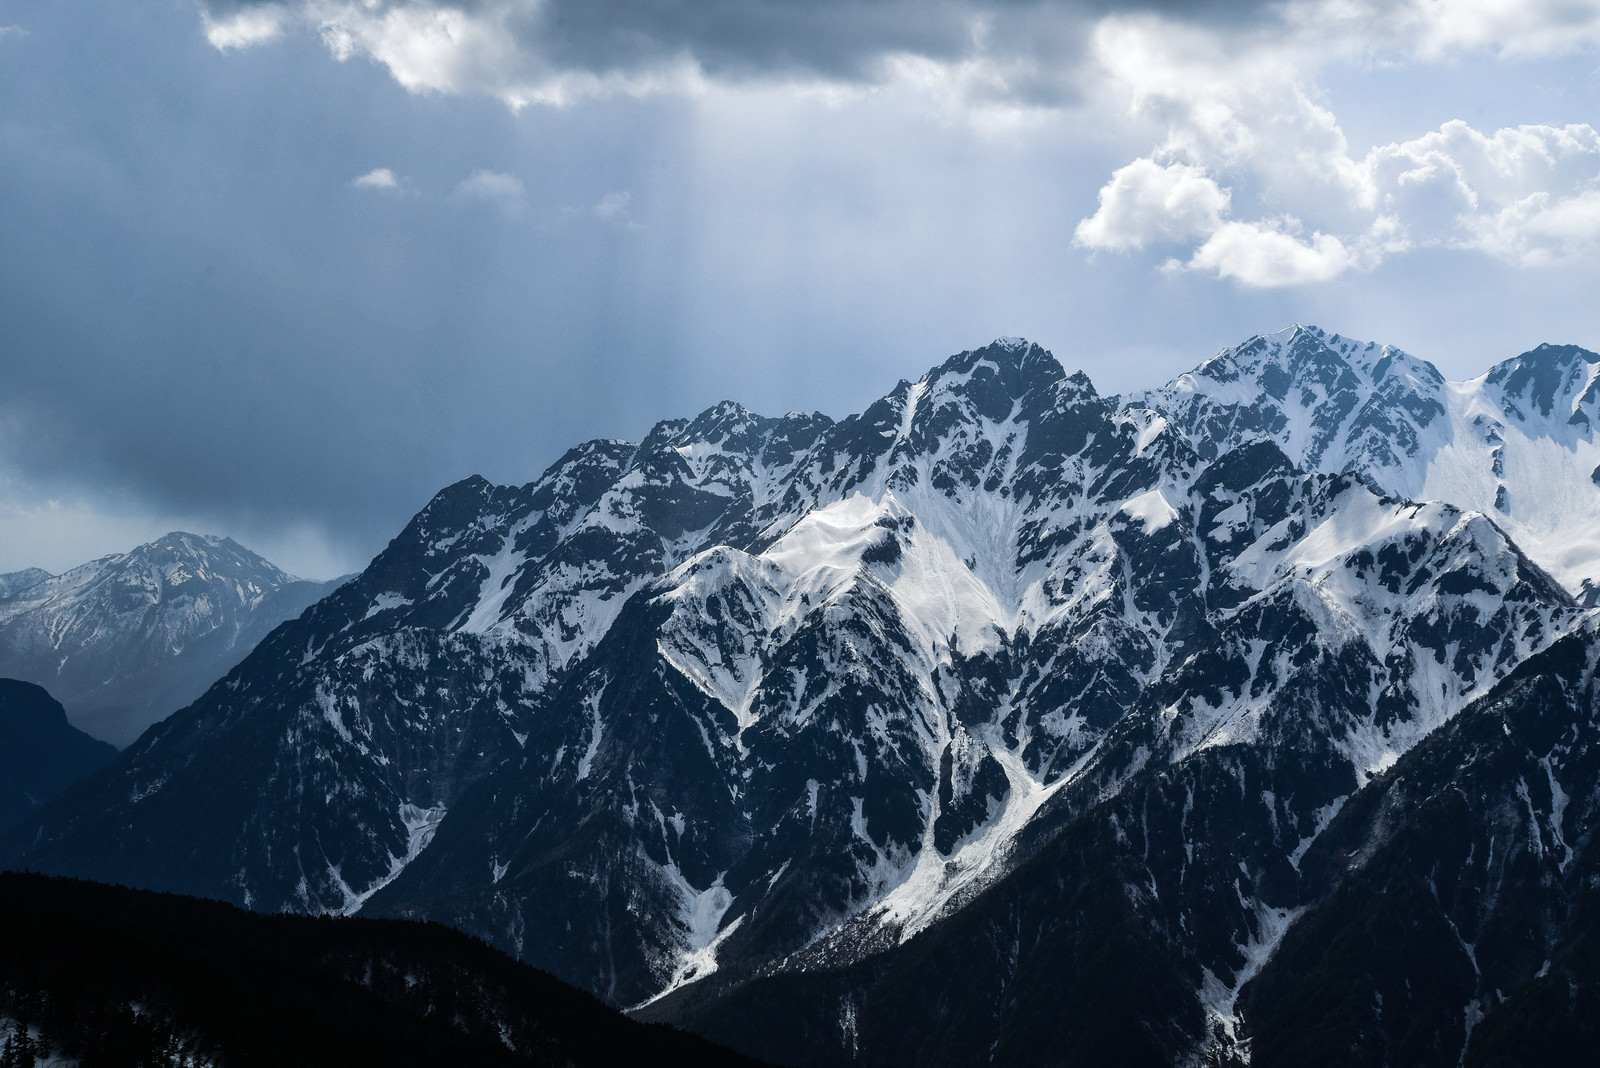 「光に照らされる前穂高岳(北アルプス)」の写真